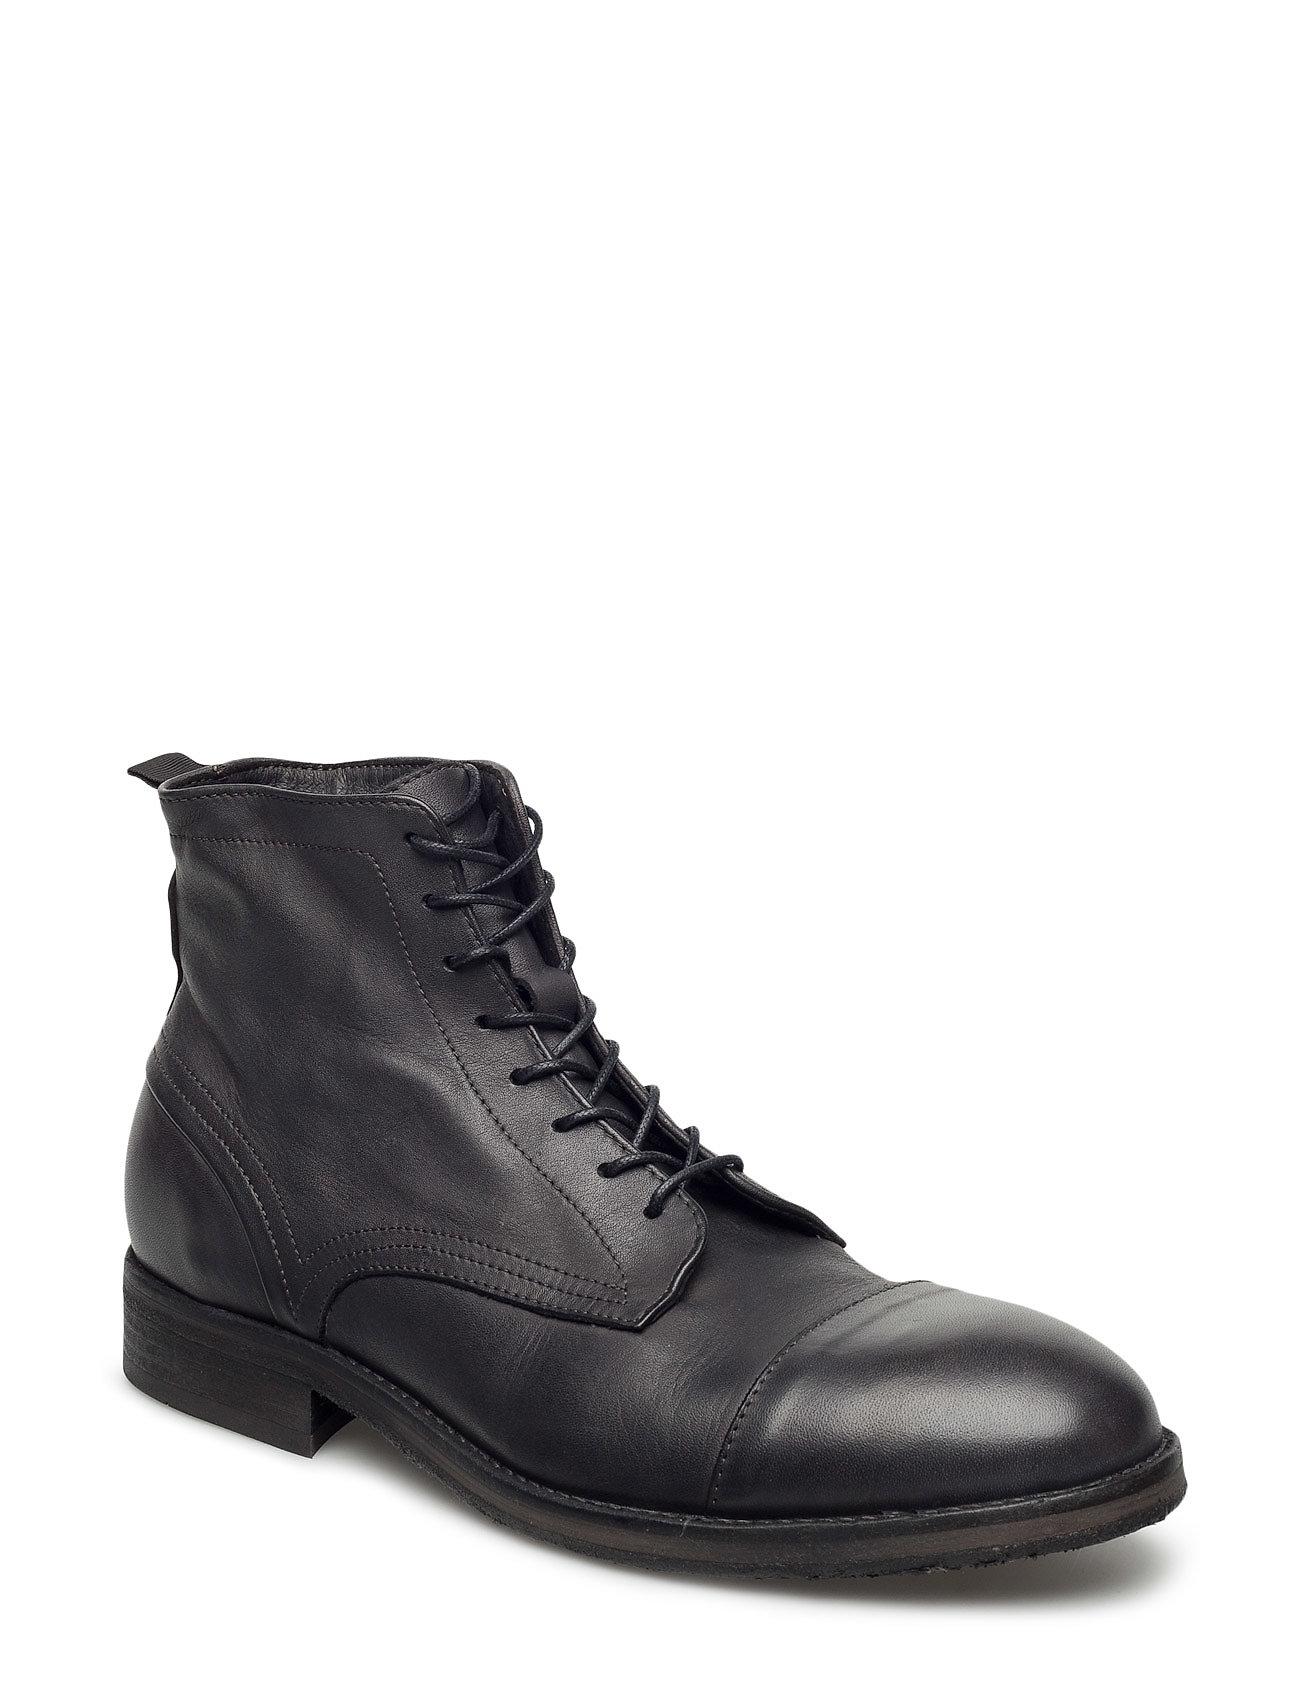 Palmer D/D Hudson London Støvler til Herrer i 001 Black